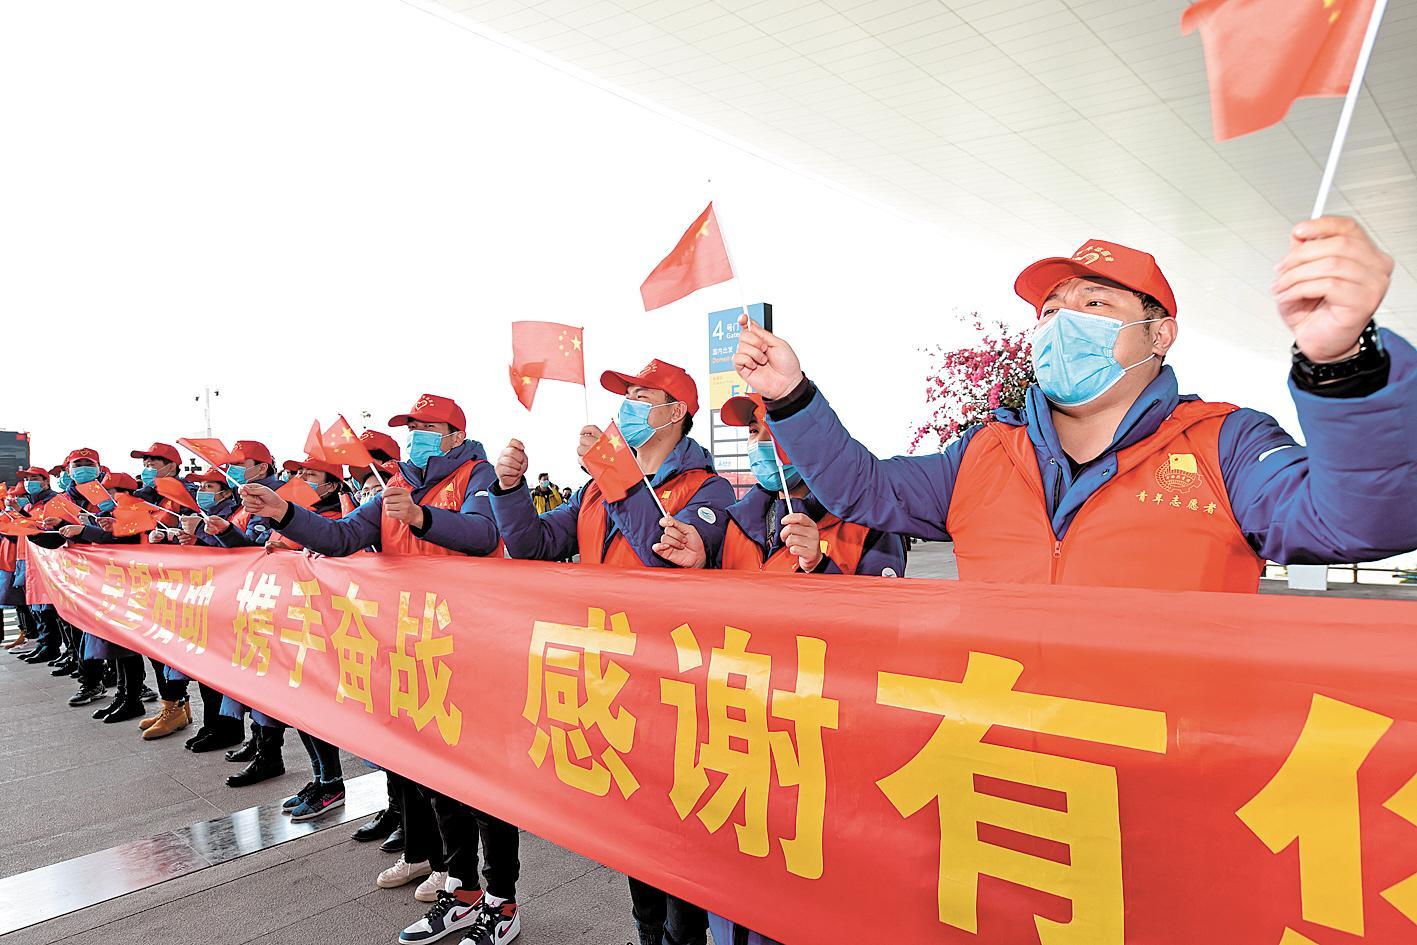 3月17日,武汉天河机场,全国各地援鄂医疗队准备乘飞机离开武汉。市民代表和志愿者在机场大厅门口向他们致敬。(湖北日报全媒记者 李溪 摄)